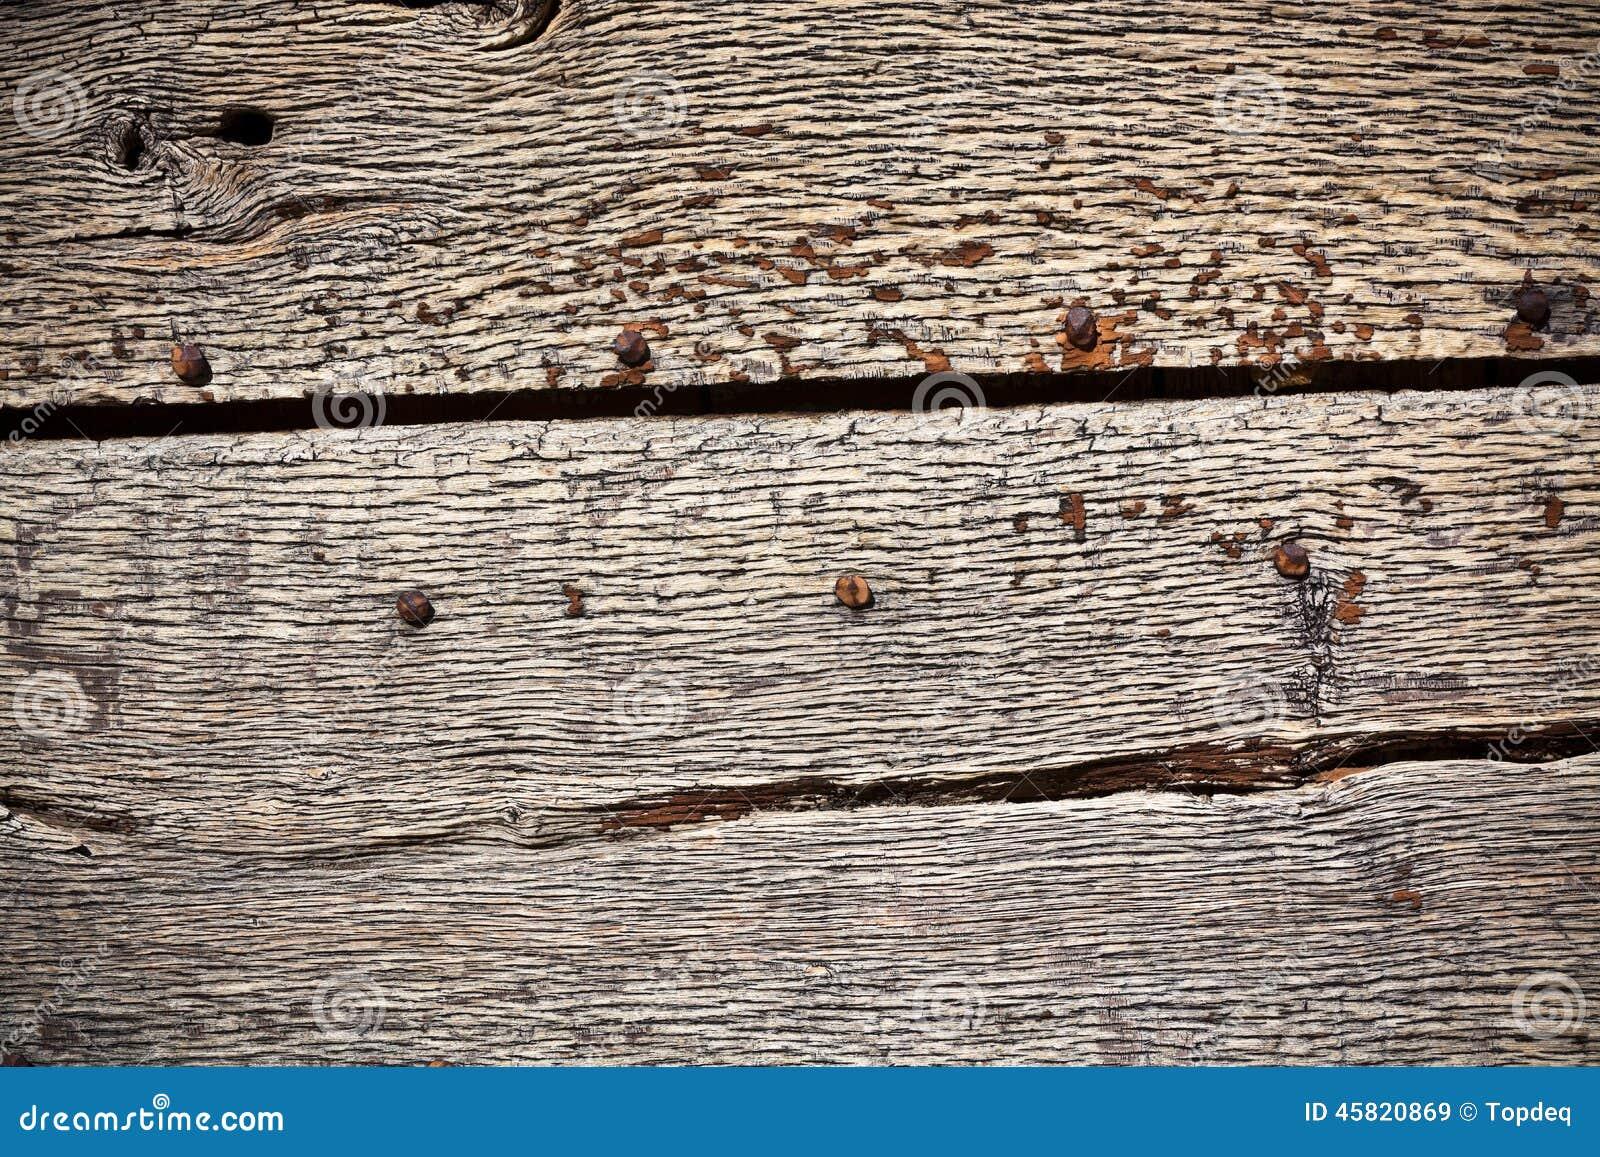 Fond ext rieur de vieilles planches en bois photo stock - Vieilles caisses en bois a vendre ...